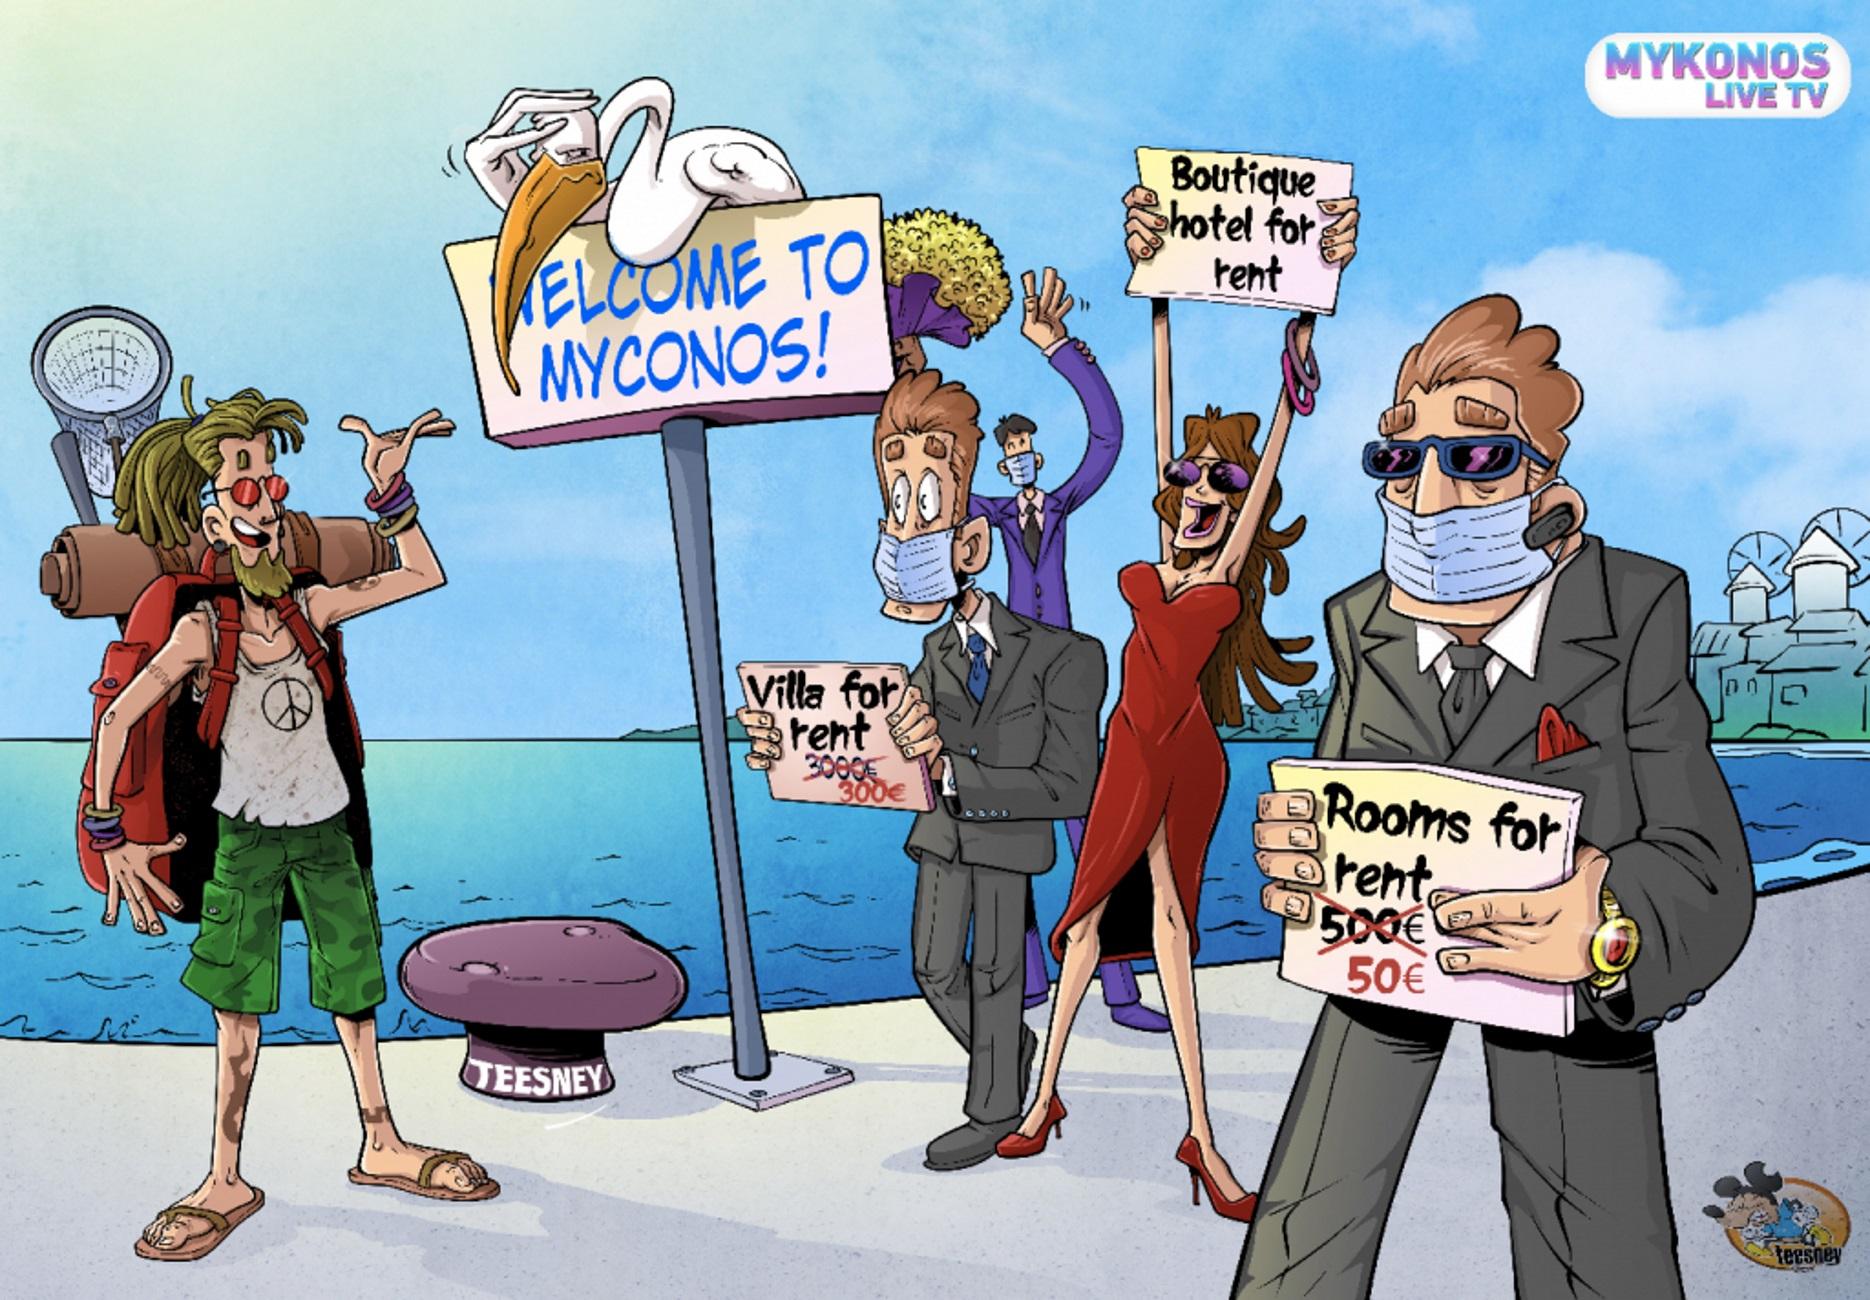 Μύκονος: Ο τουρισμός του φετινού καλοκαιριού μέσα σε ένα σατυρικό σκίτσο! Ρώσοι και Άραβες με το σταγονόμετρο